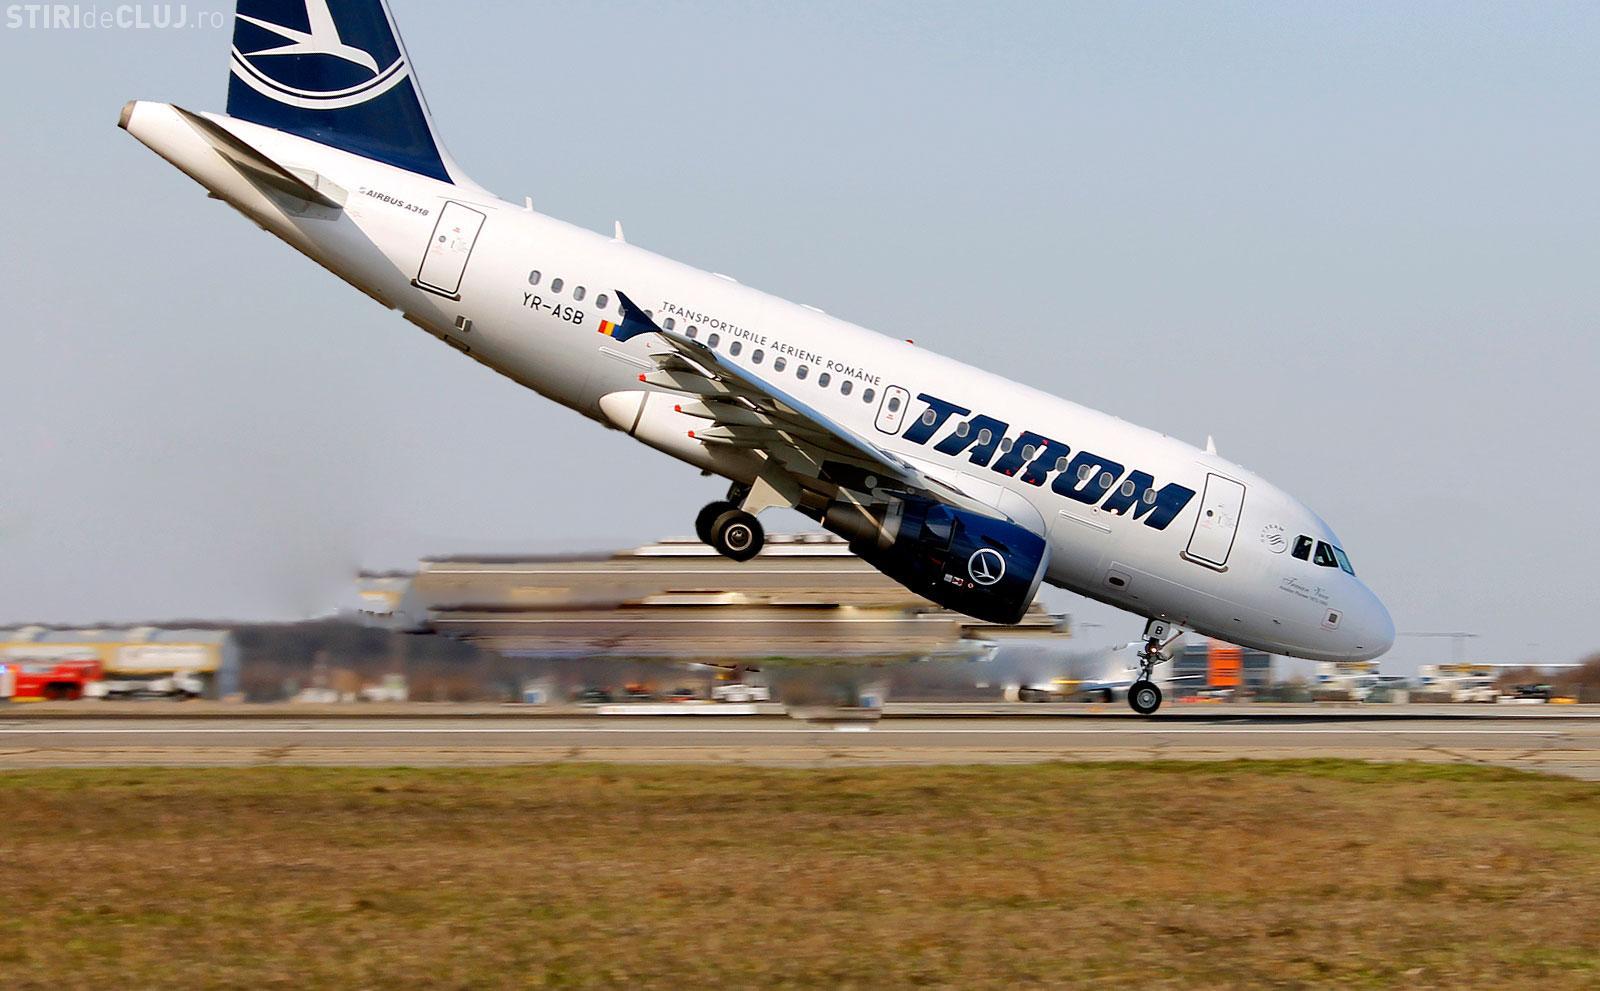 TAROM e în picaj: A refuzat să zboare spre Cluj-Napoca, invocând ceața, dar Blue Air zbura